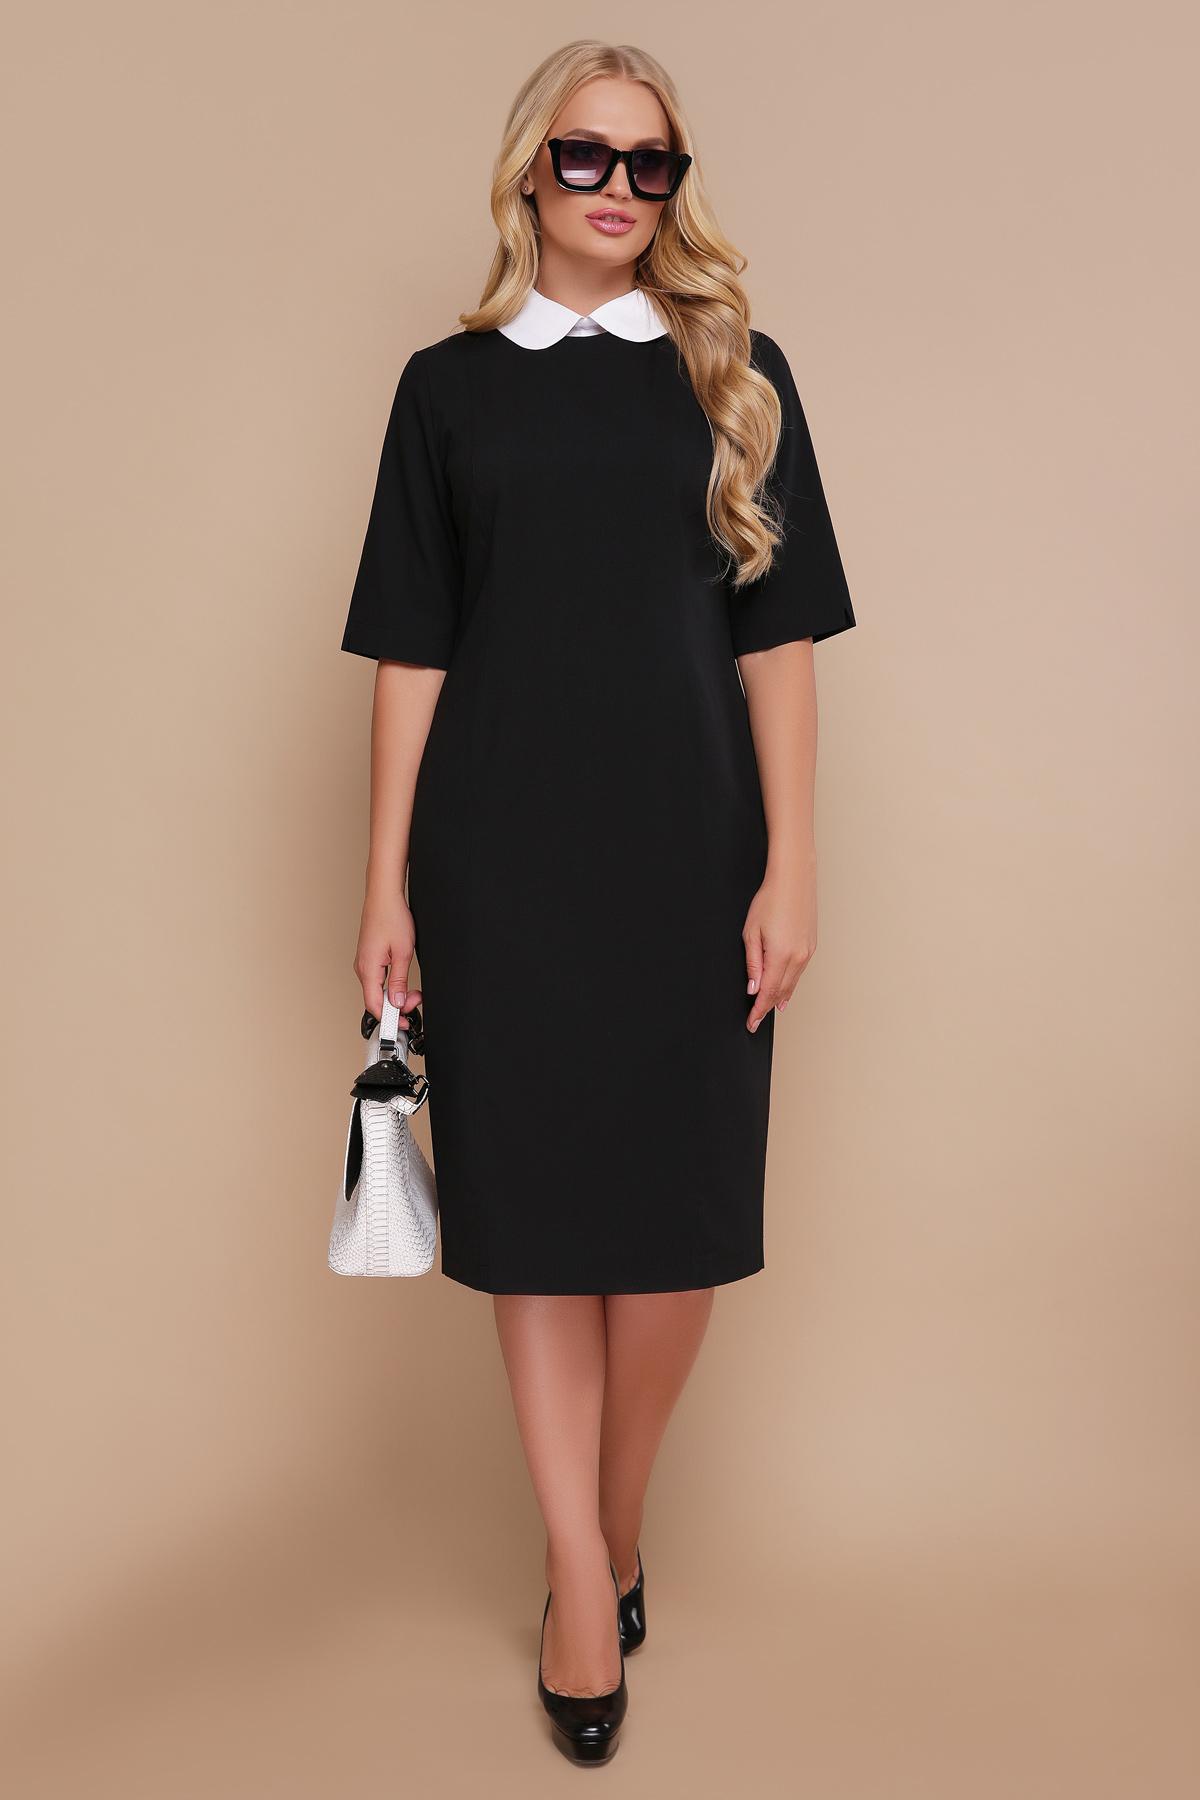 087e548a409 черное офисное платье. платье Ундина-Б 3 4. Цвет  черный